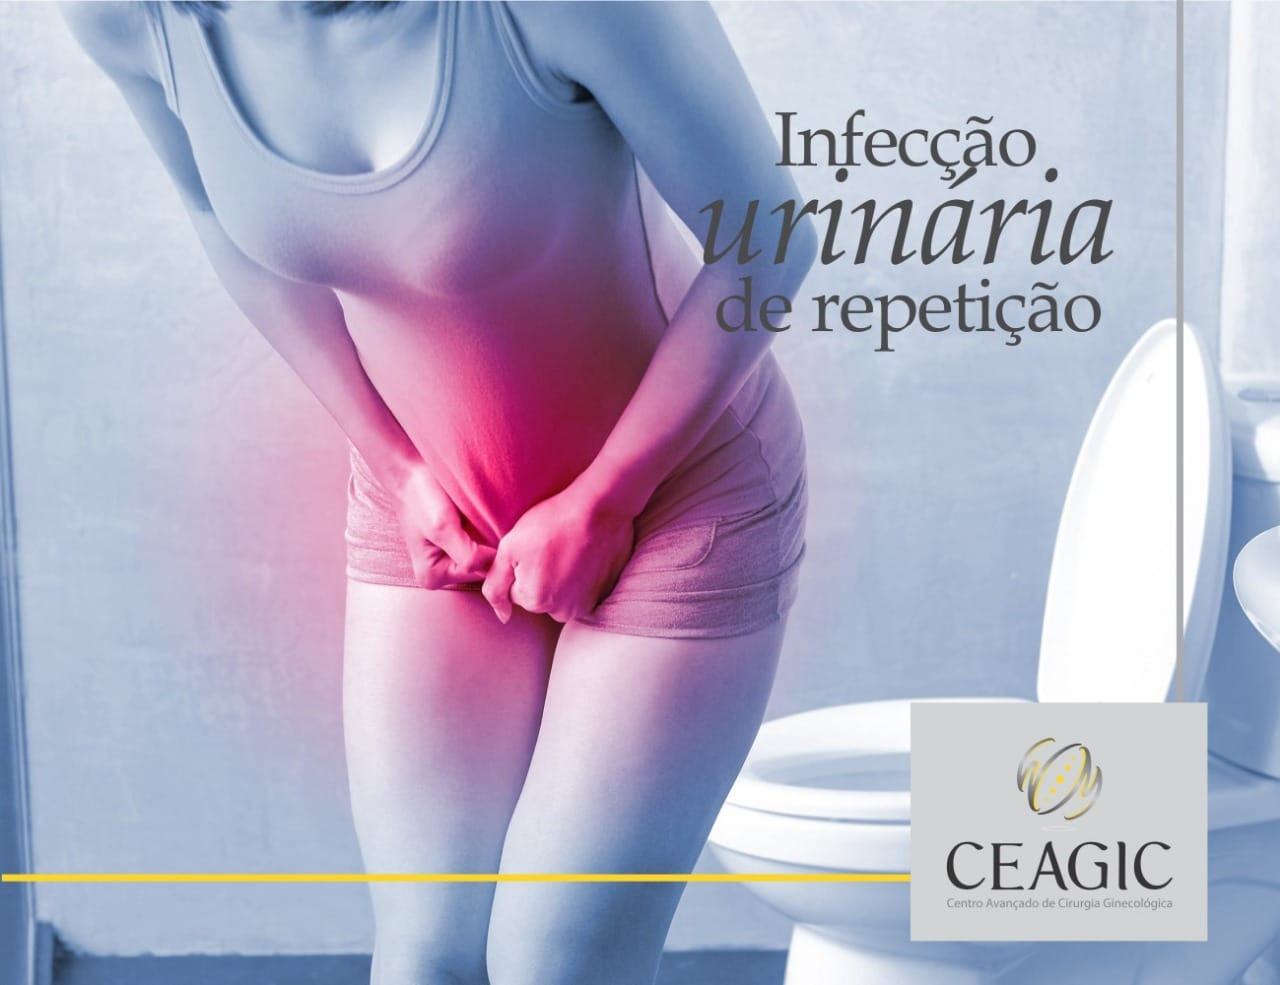 Infecção Urinária de Repetição e Endometriose